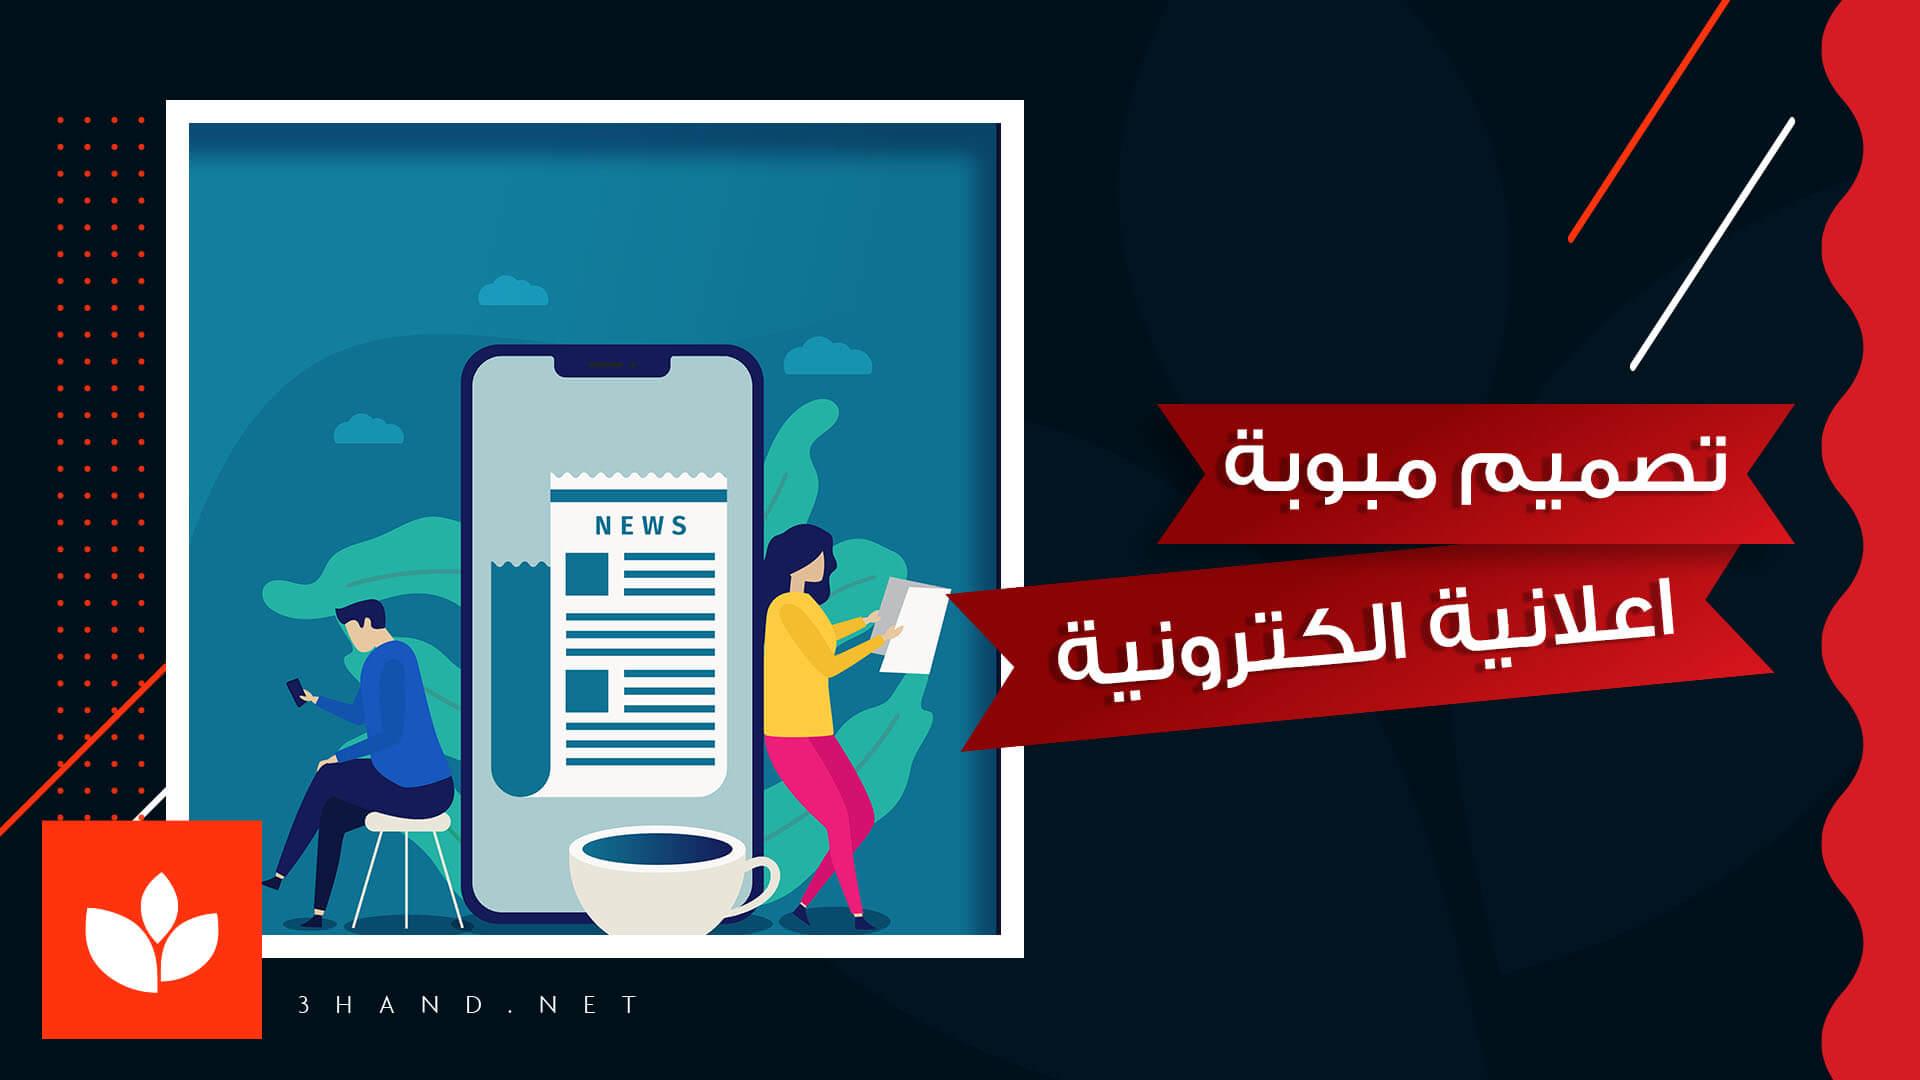 تصميم مبوبة اعلانية الكترونية